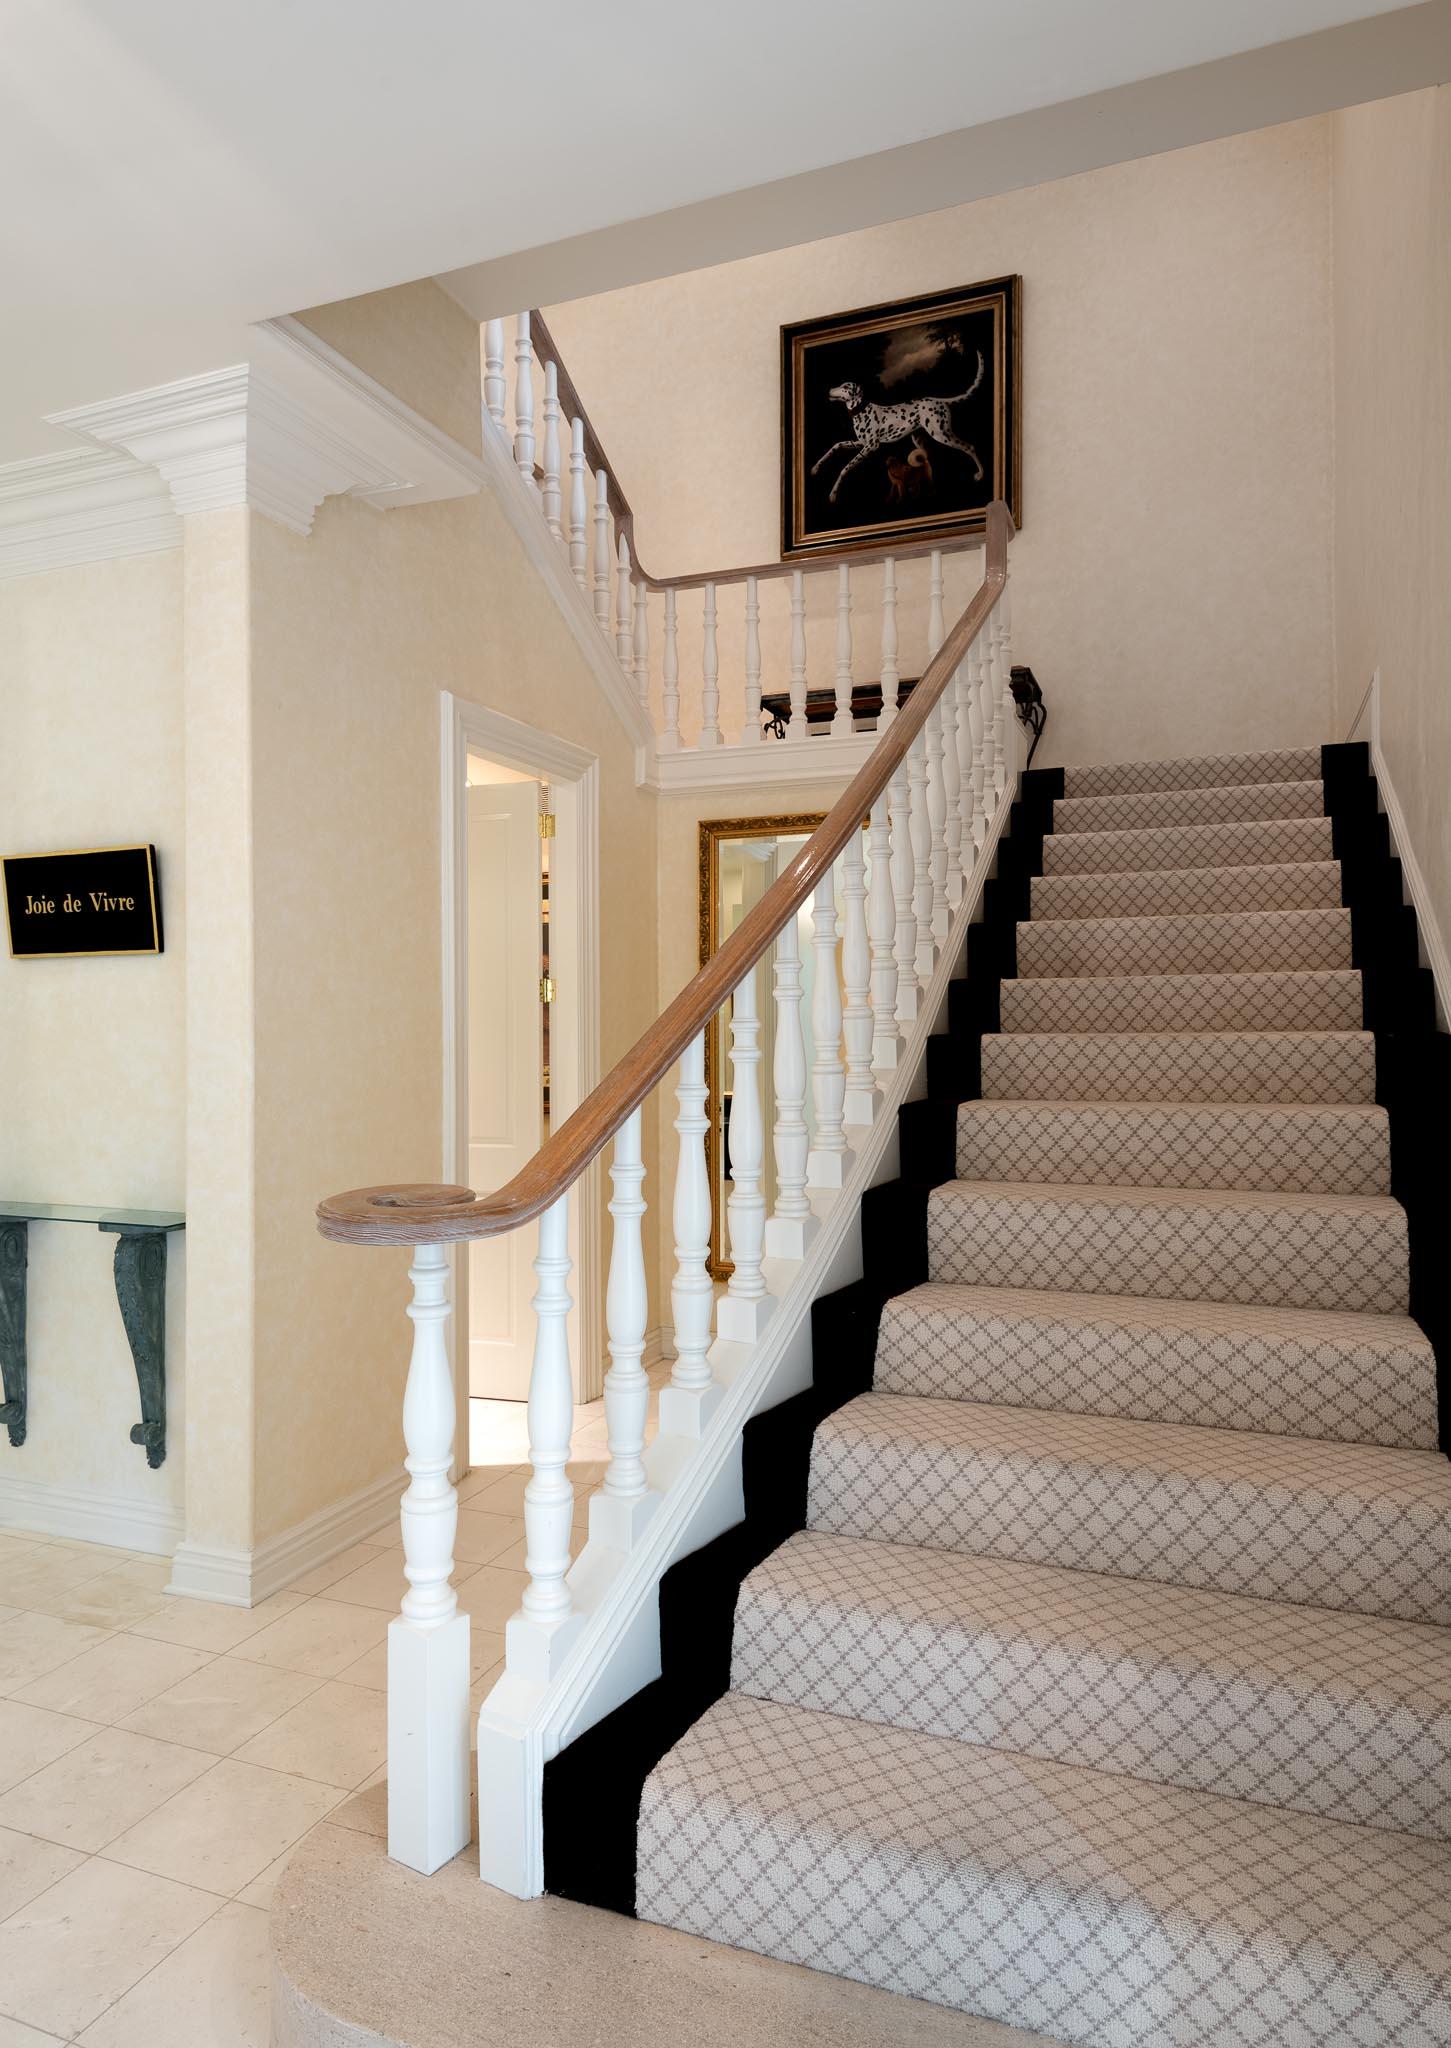 1060GolfRoad_StairwayView1.jpg